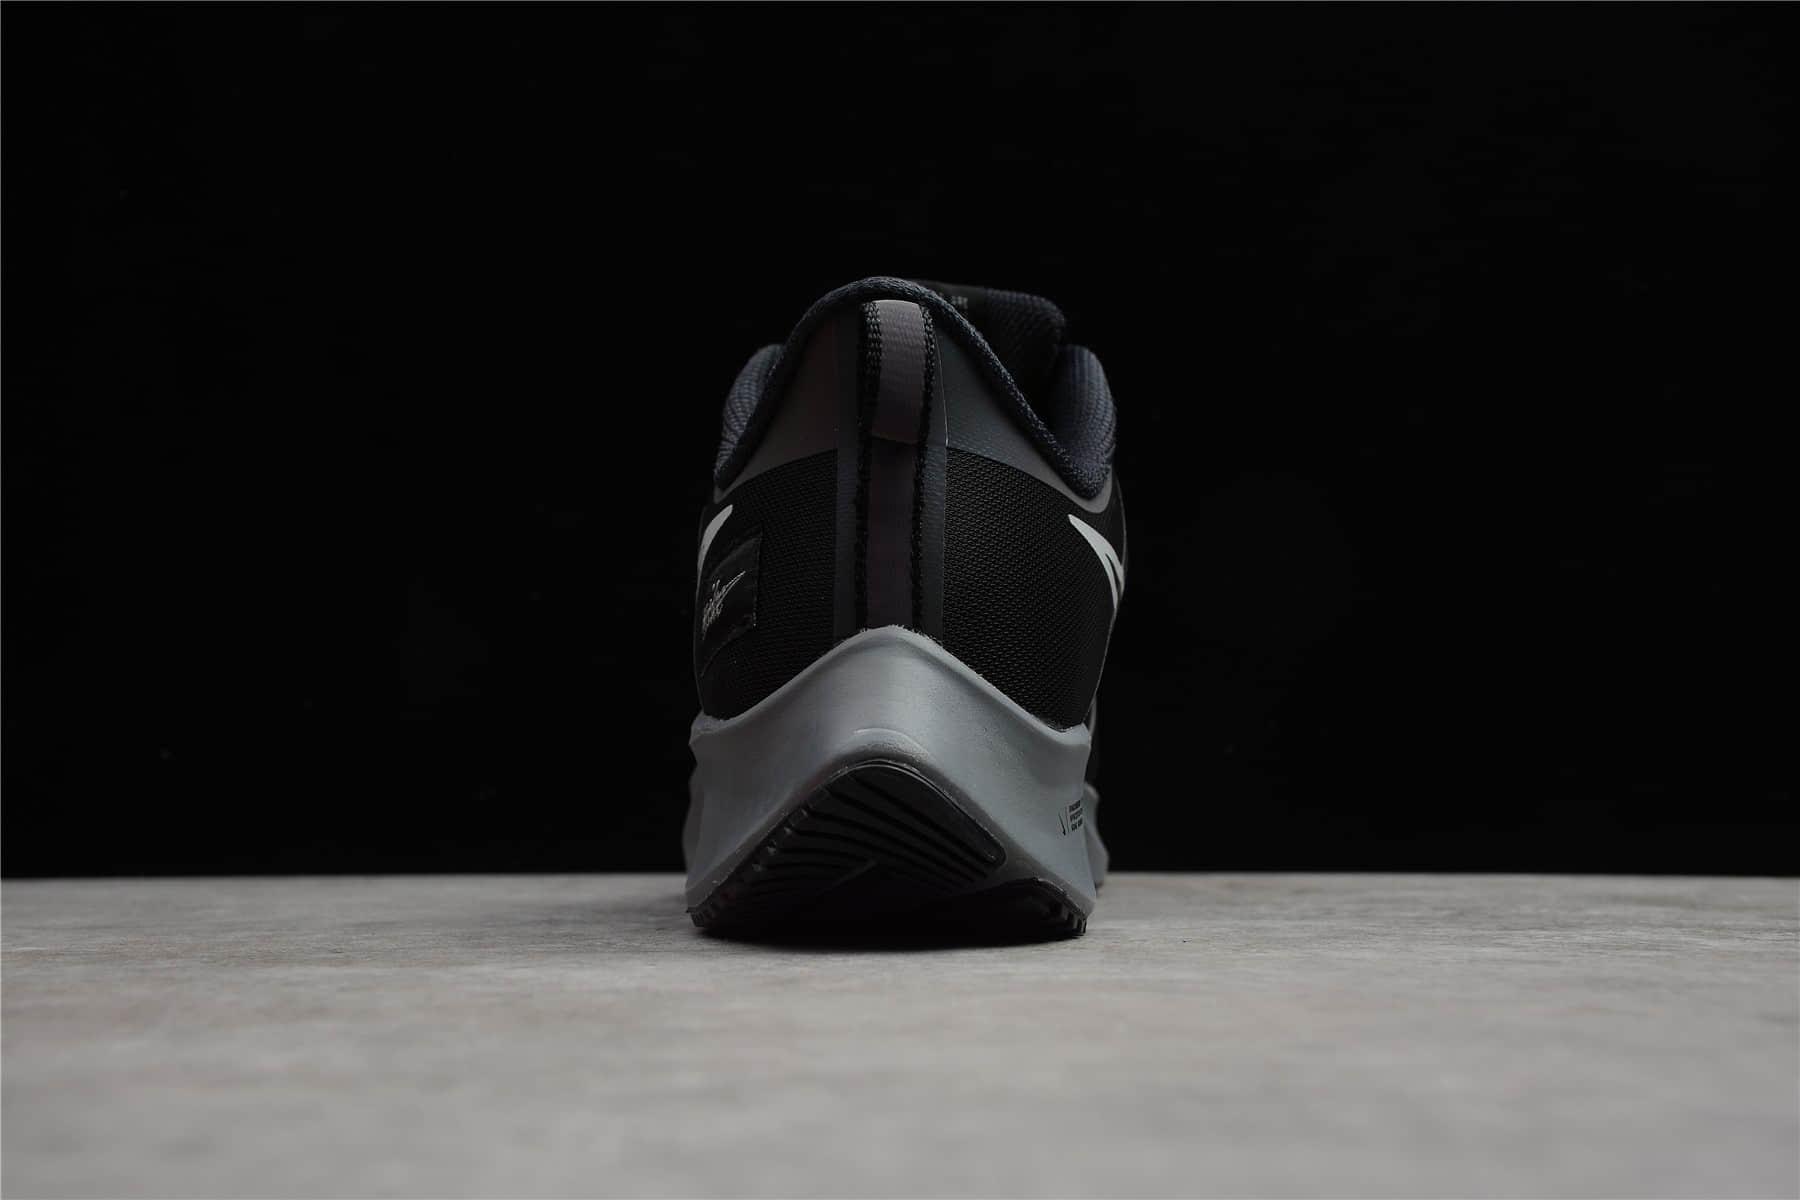 耐克登月39代黑色跑鞋 NIKE Air Zoom Structure 39X 耐克反光跑鞋 耐克公司级跑鞋 货号:DJ3128-600-潮流者之家